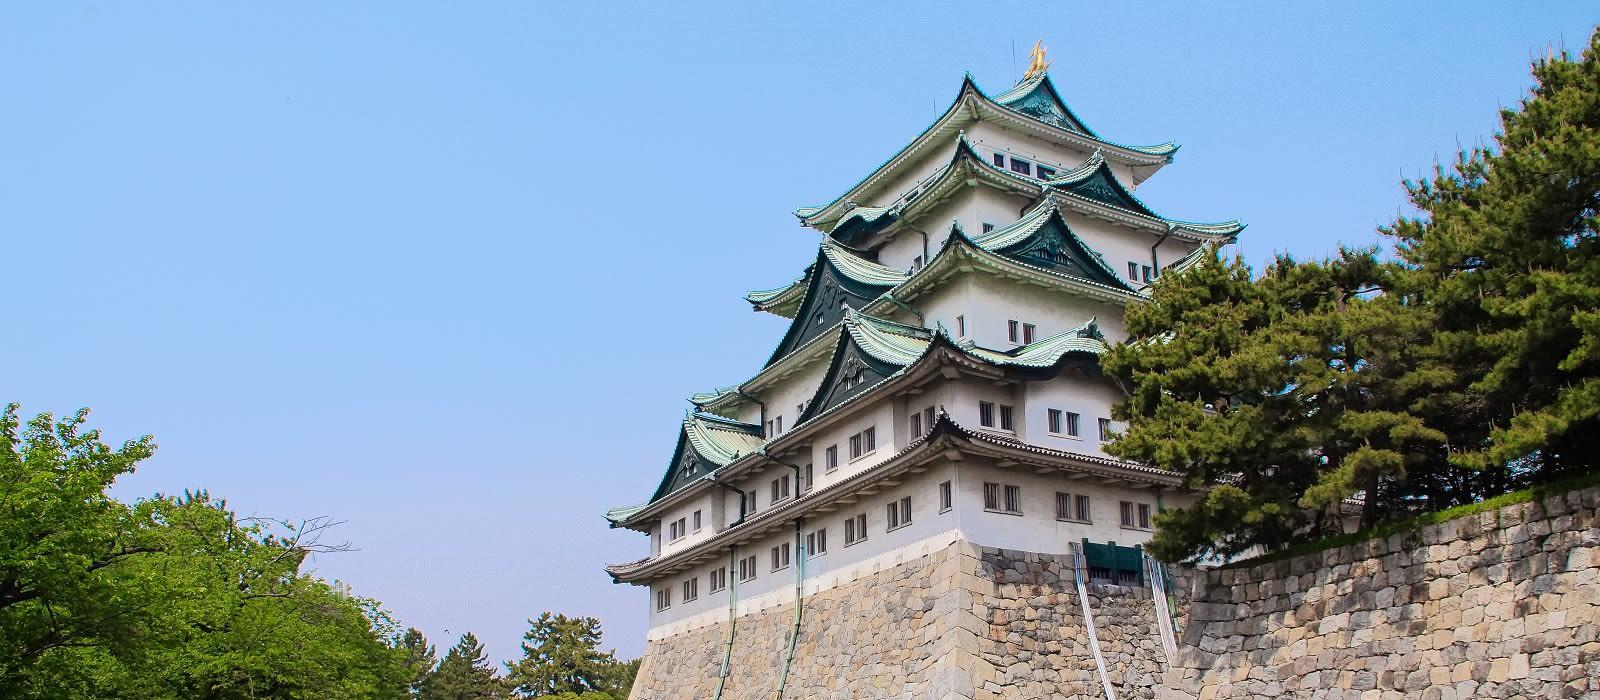 Reiseziel Nagoya Japan